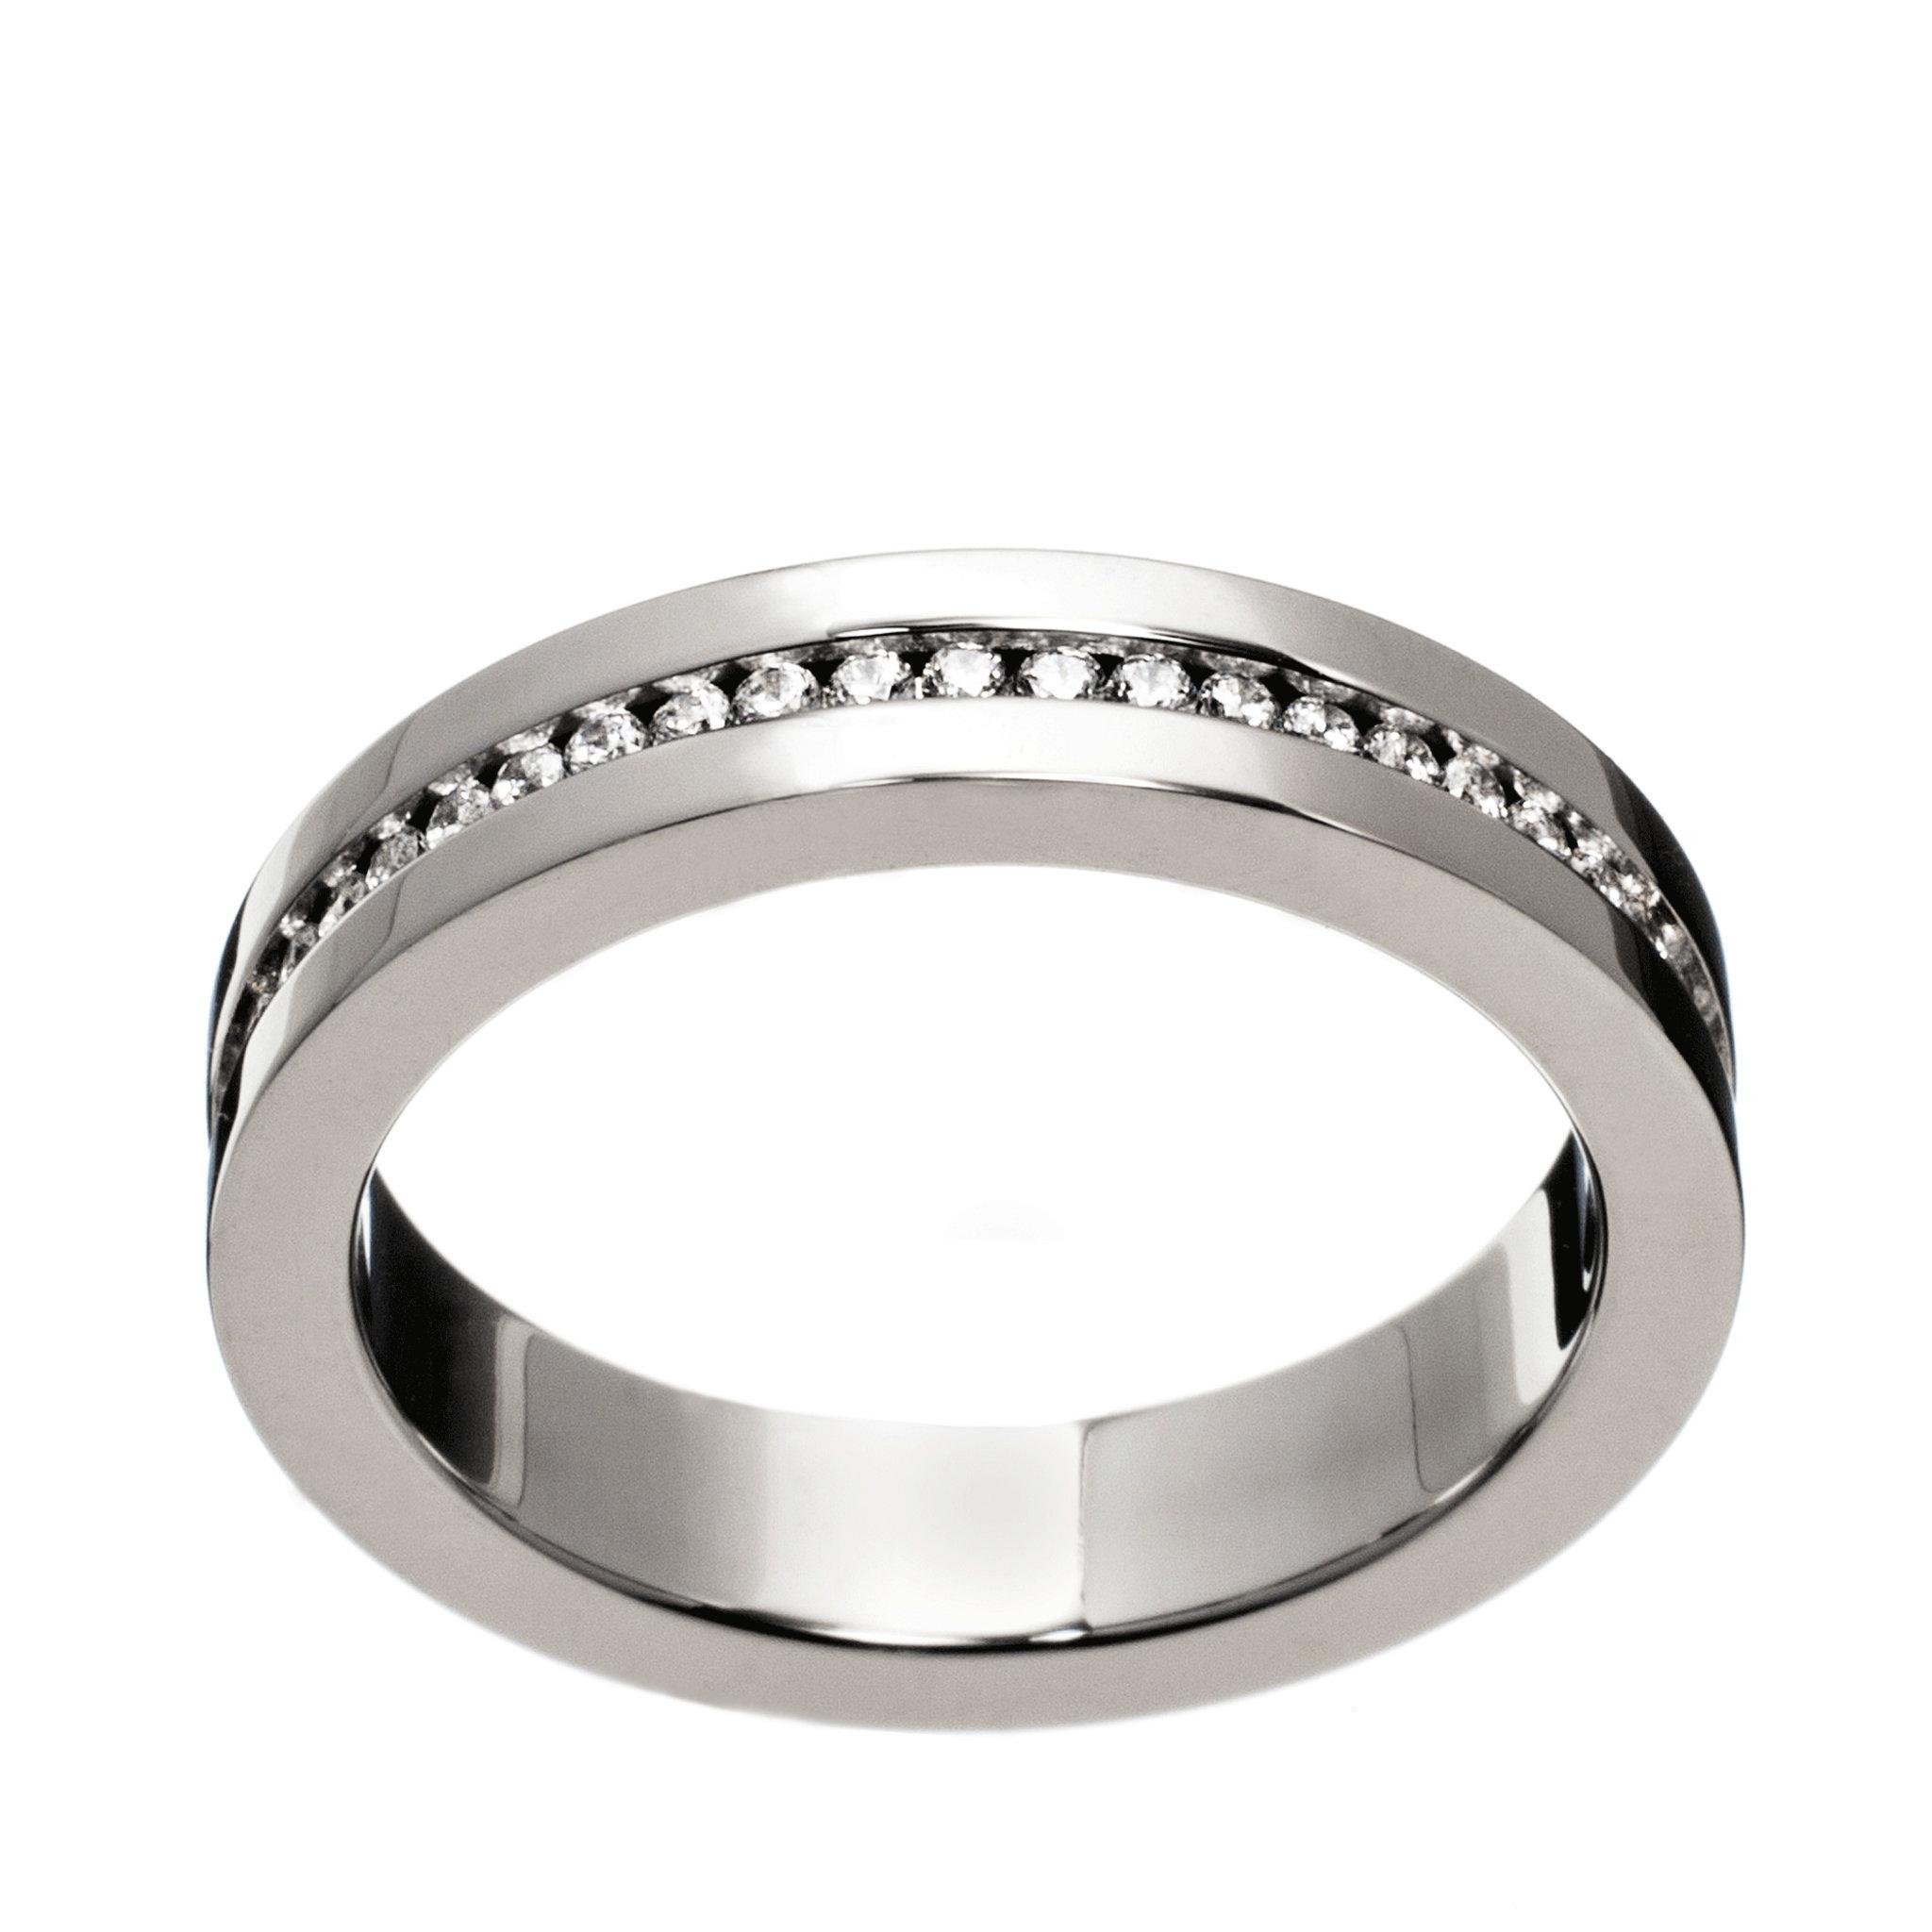 Josefin Ring b646736bdfba1